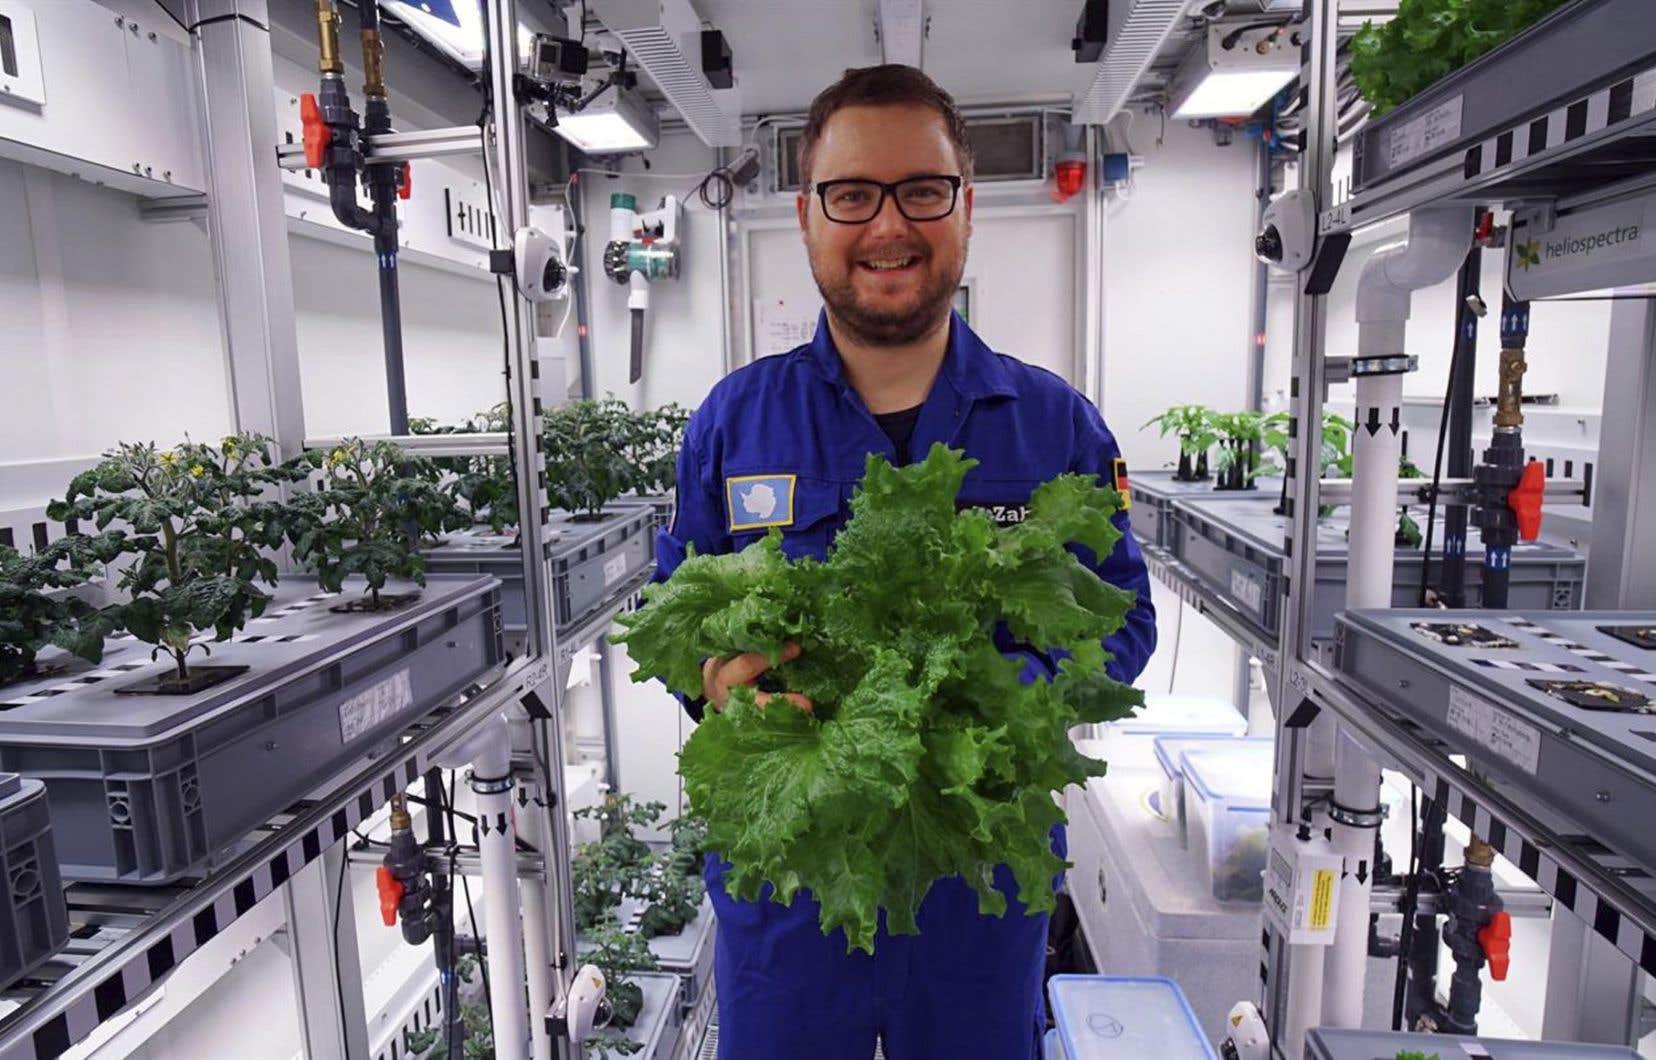 <p>Les chercheurs de la station allemande Neumayer III ont ramassé 3,6 kilos de salades, 18 concombres et 70 radis qui ont poussé à l'intérieur d'une serre sophistiquée pendant qu'il faisait -20°C à l'extérieur.</p>